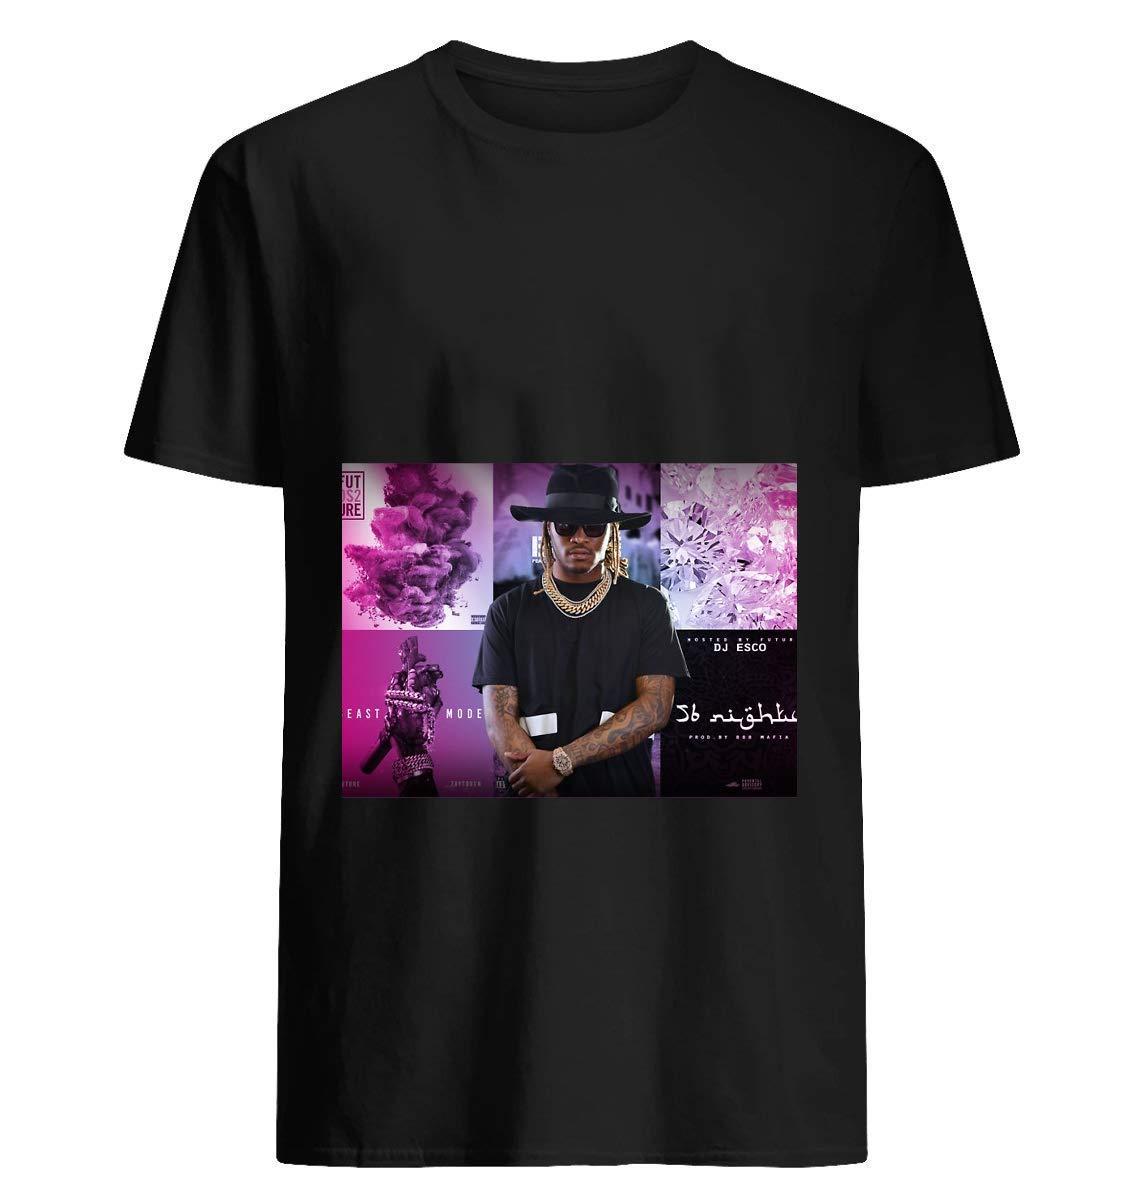 Avenir T Shirt For Unisex